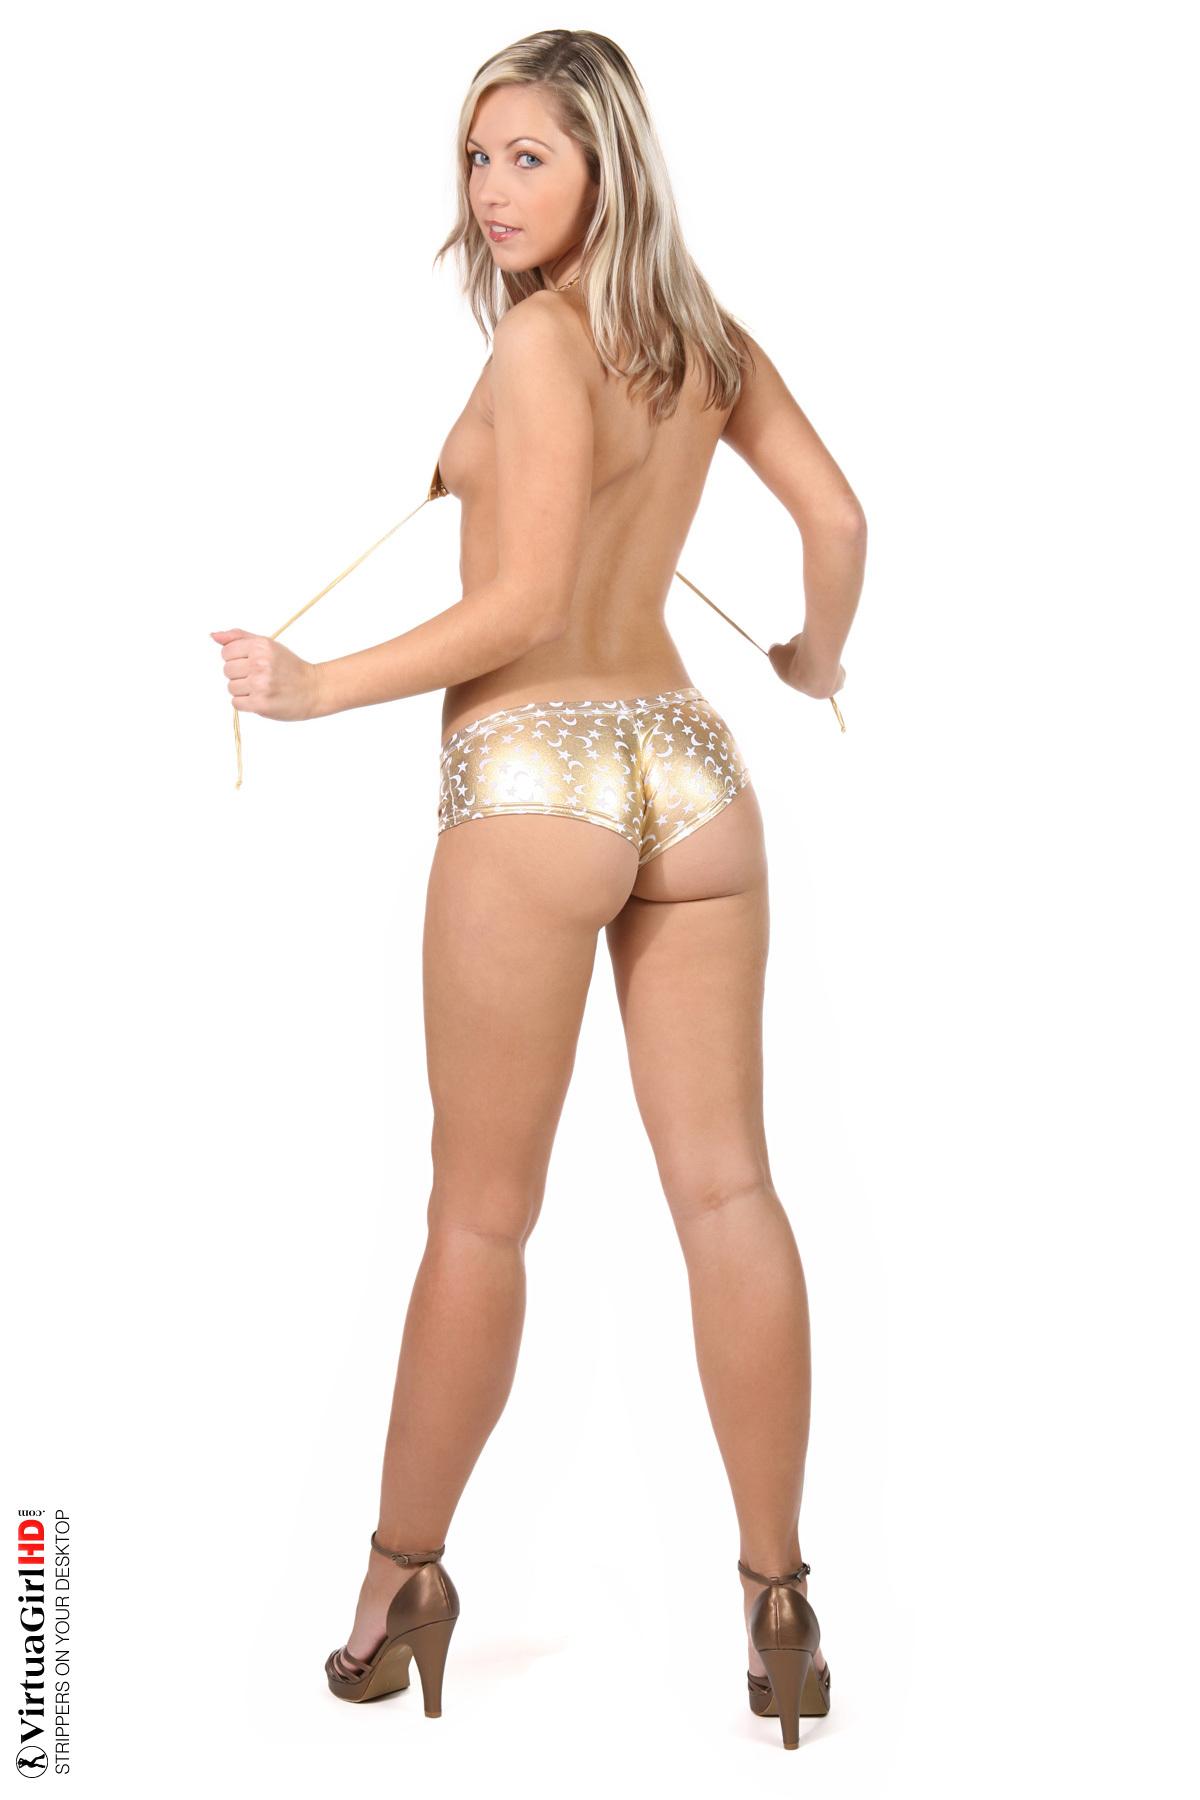 nude wallpapper